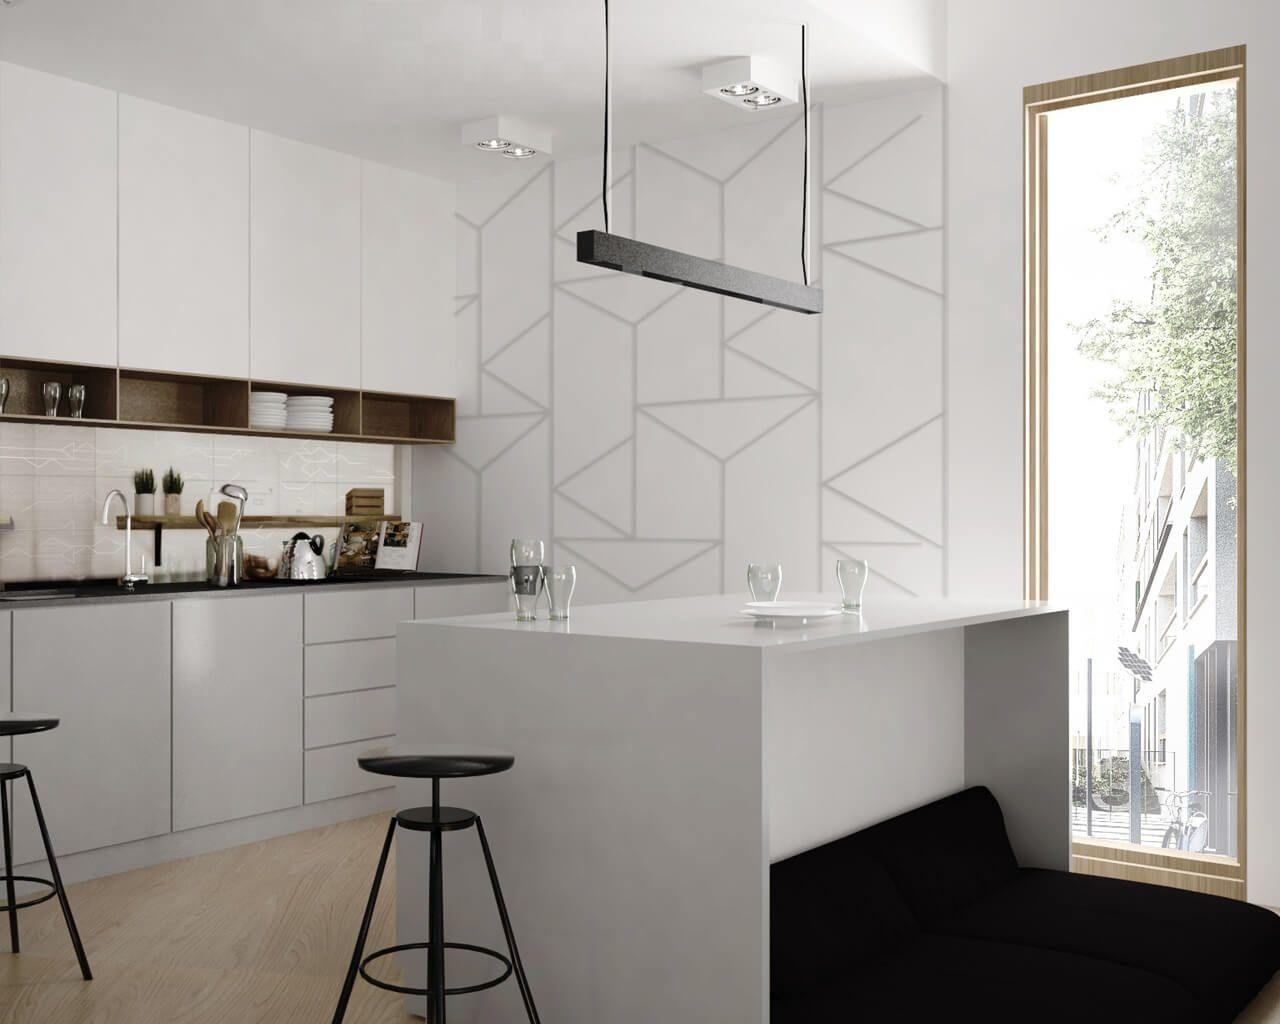 Biała Kuchnia Z Wyspą I Geometrycznym Akcentem Ceramika